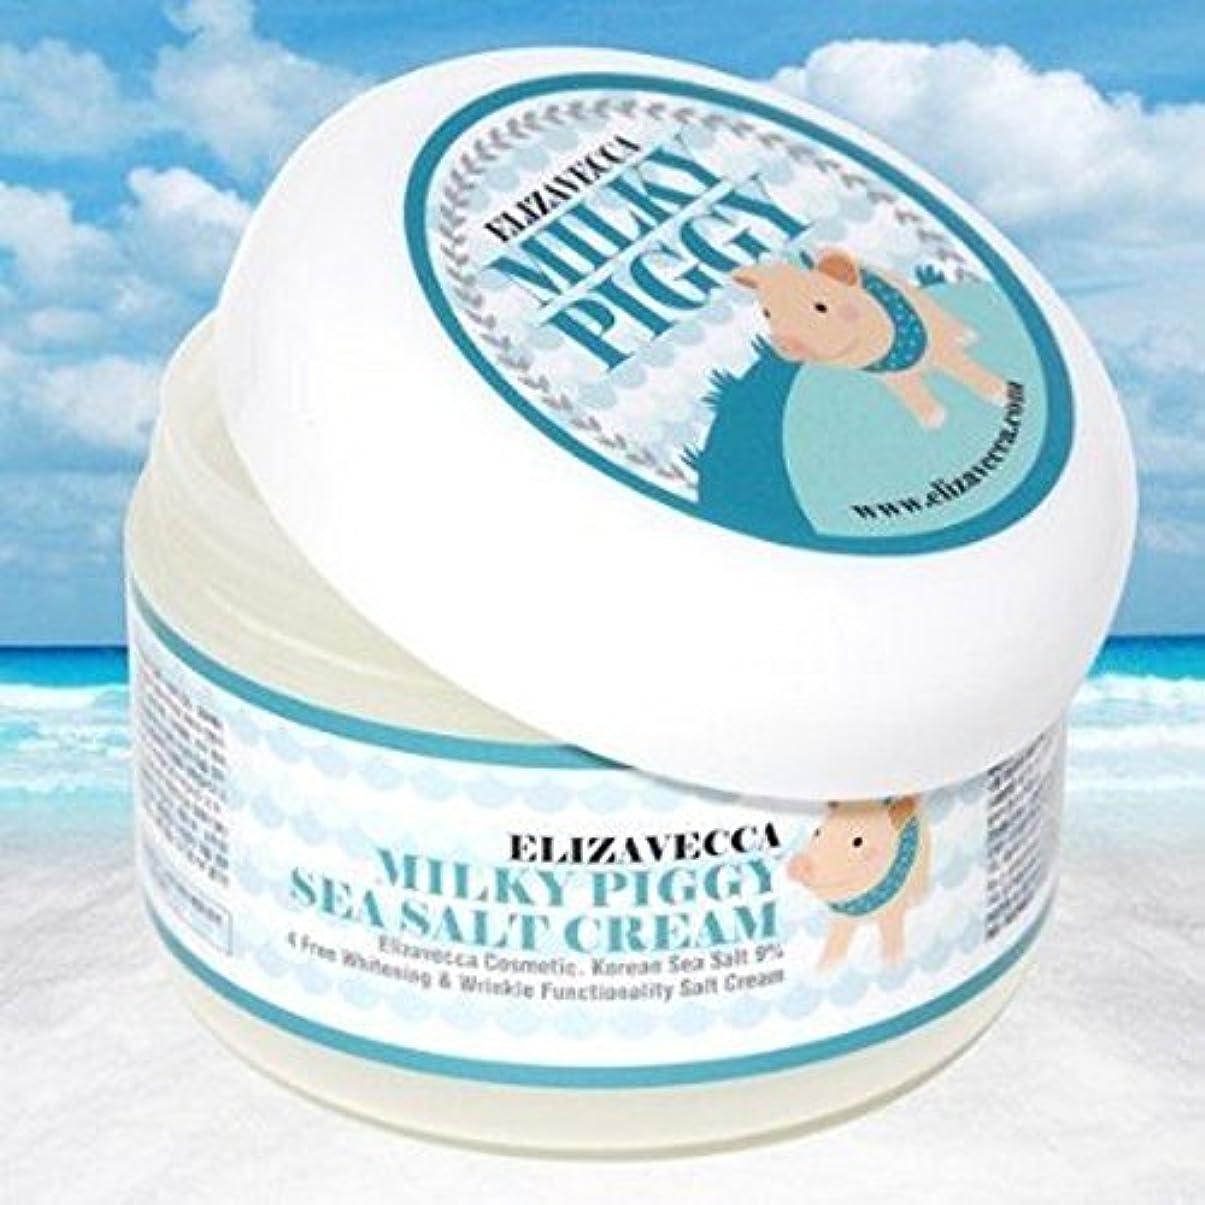 ジーンズトマト標高Elizavecca エリザヴェッカ ミルキー?ピーギ?シーソルト?クリーム 100g (Milky Piggy Sea Salt Cream) 海外直送品